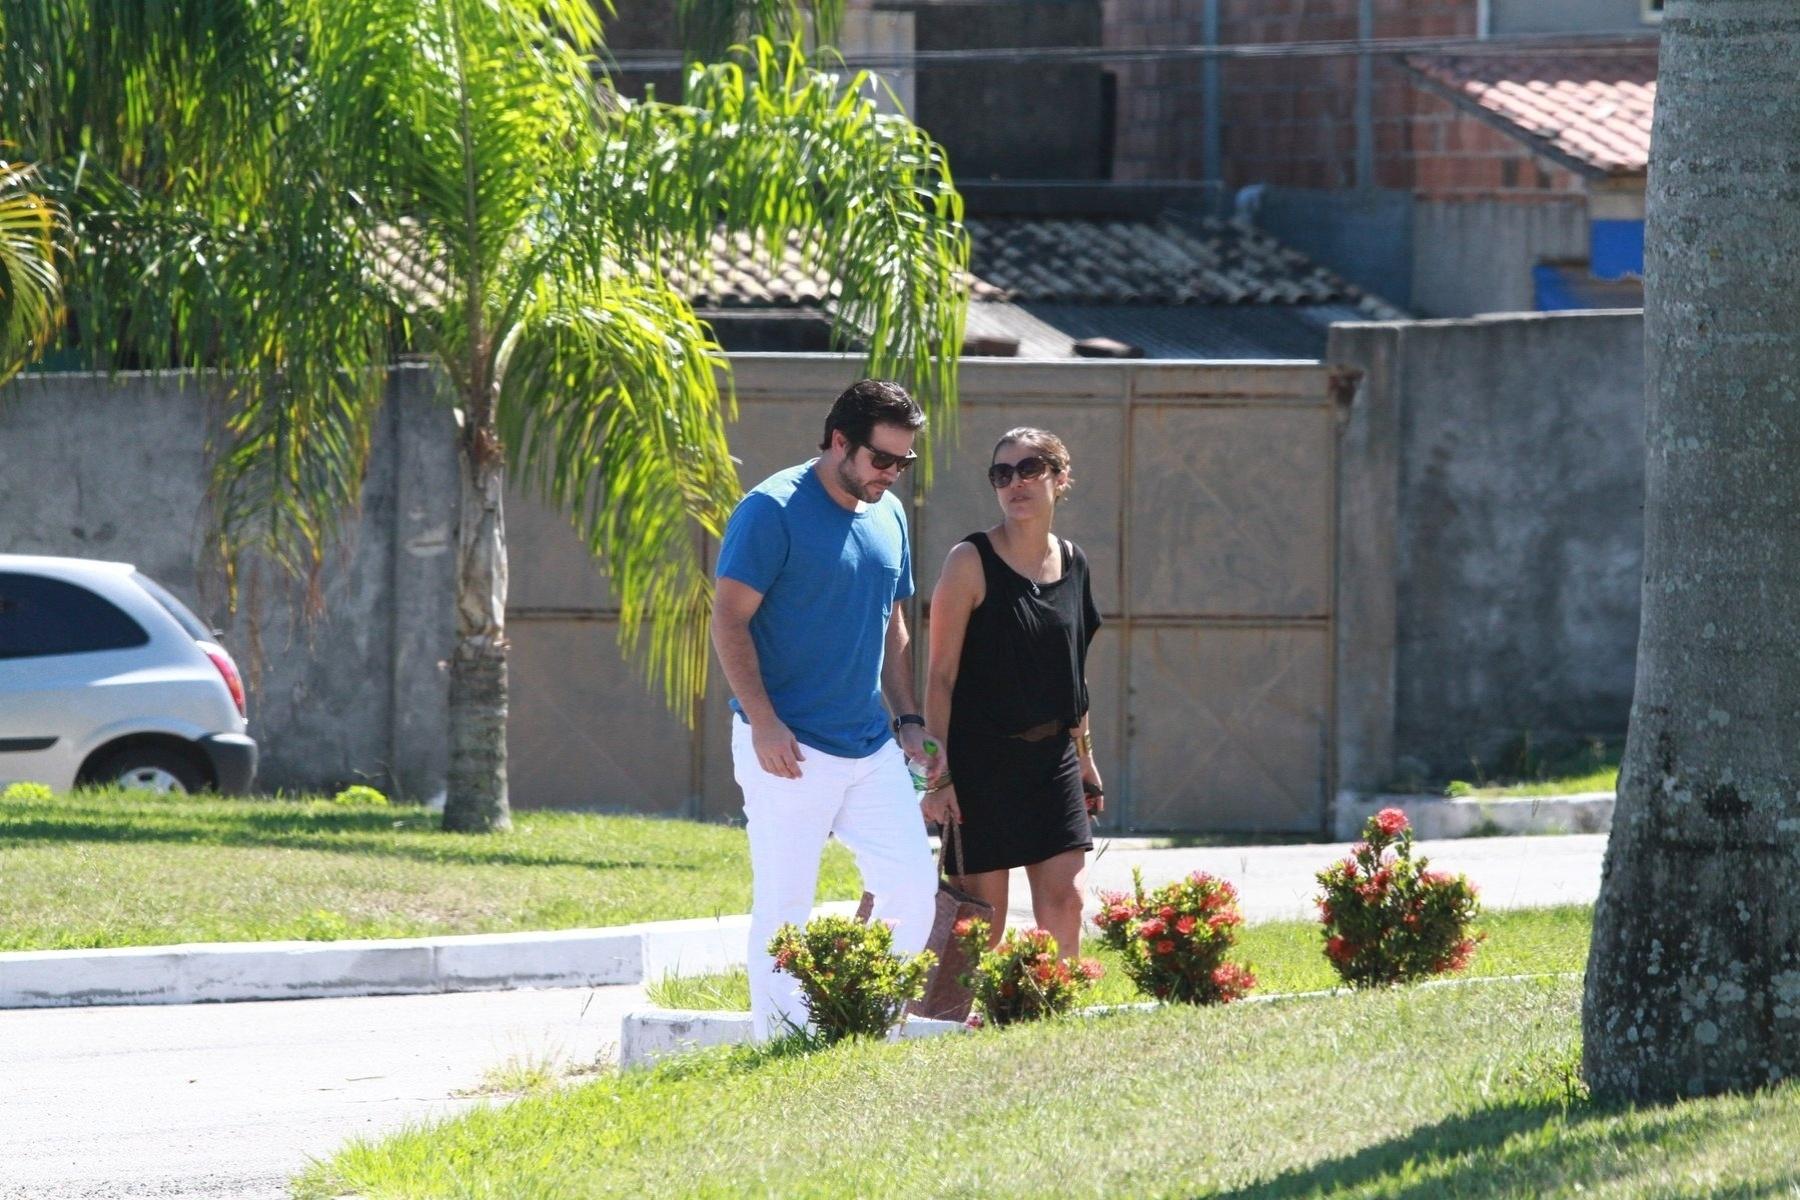 25.Dez.2012 - O ator Murilo Benício chega ao velório da mãe, Berenice, no cemitério Parque da Colina, em Niterói (RJ)